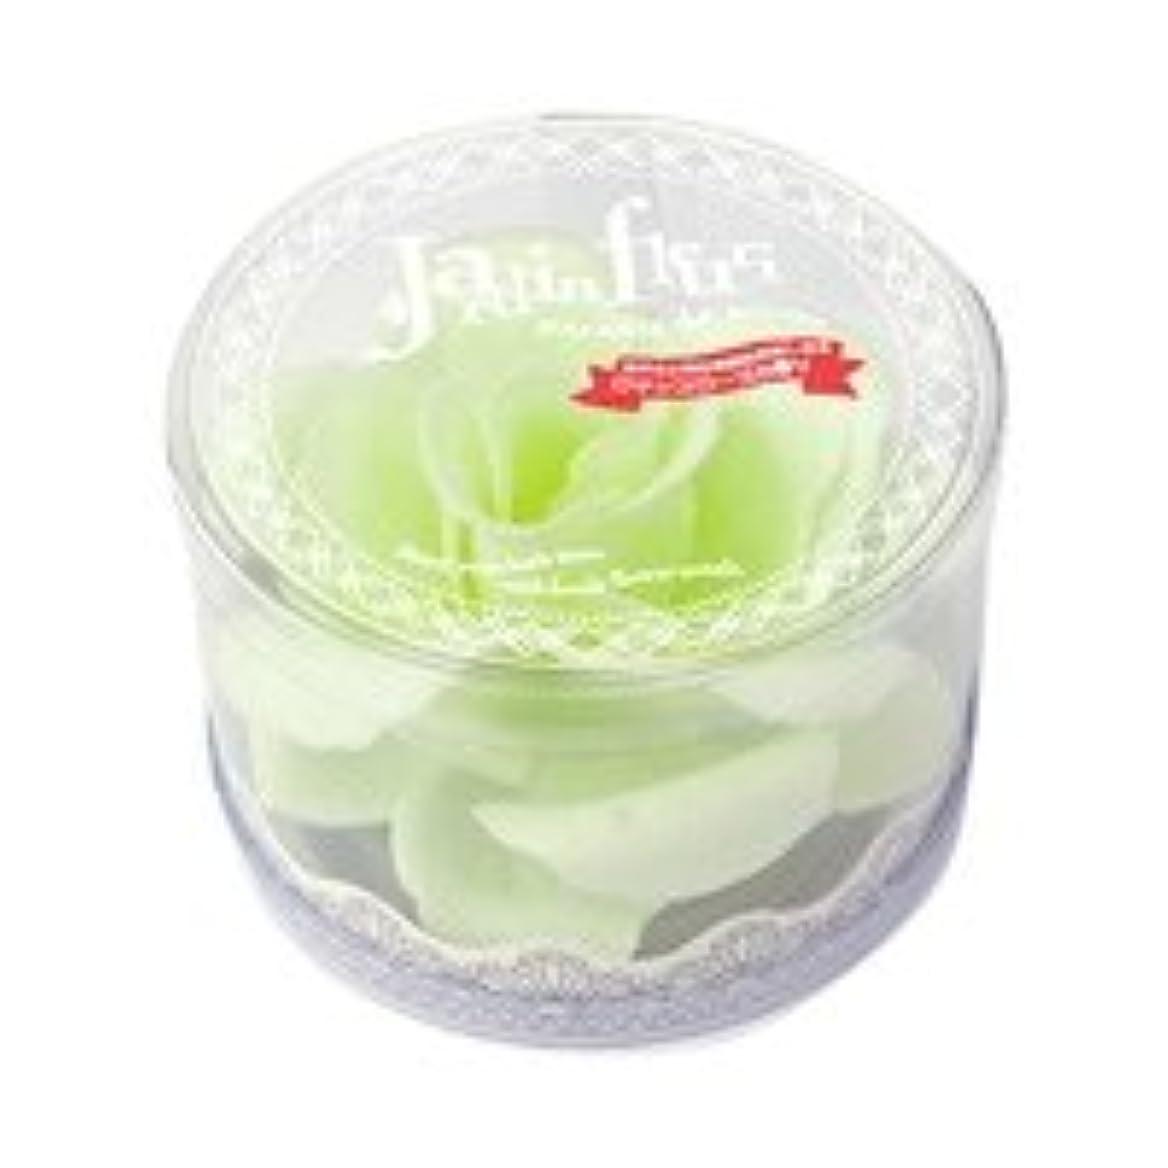 干渉するくそー誘惑ジャンダンフルリ バスペタル ボックス「ペール グリーン」6個セット ロマンスローズの香り